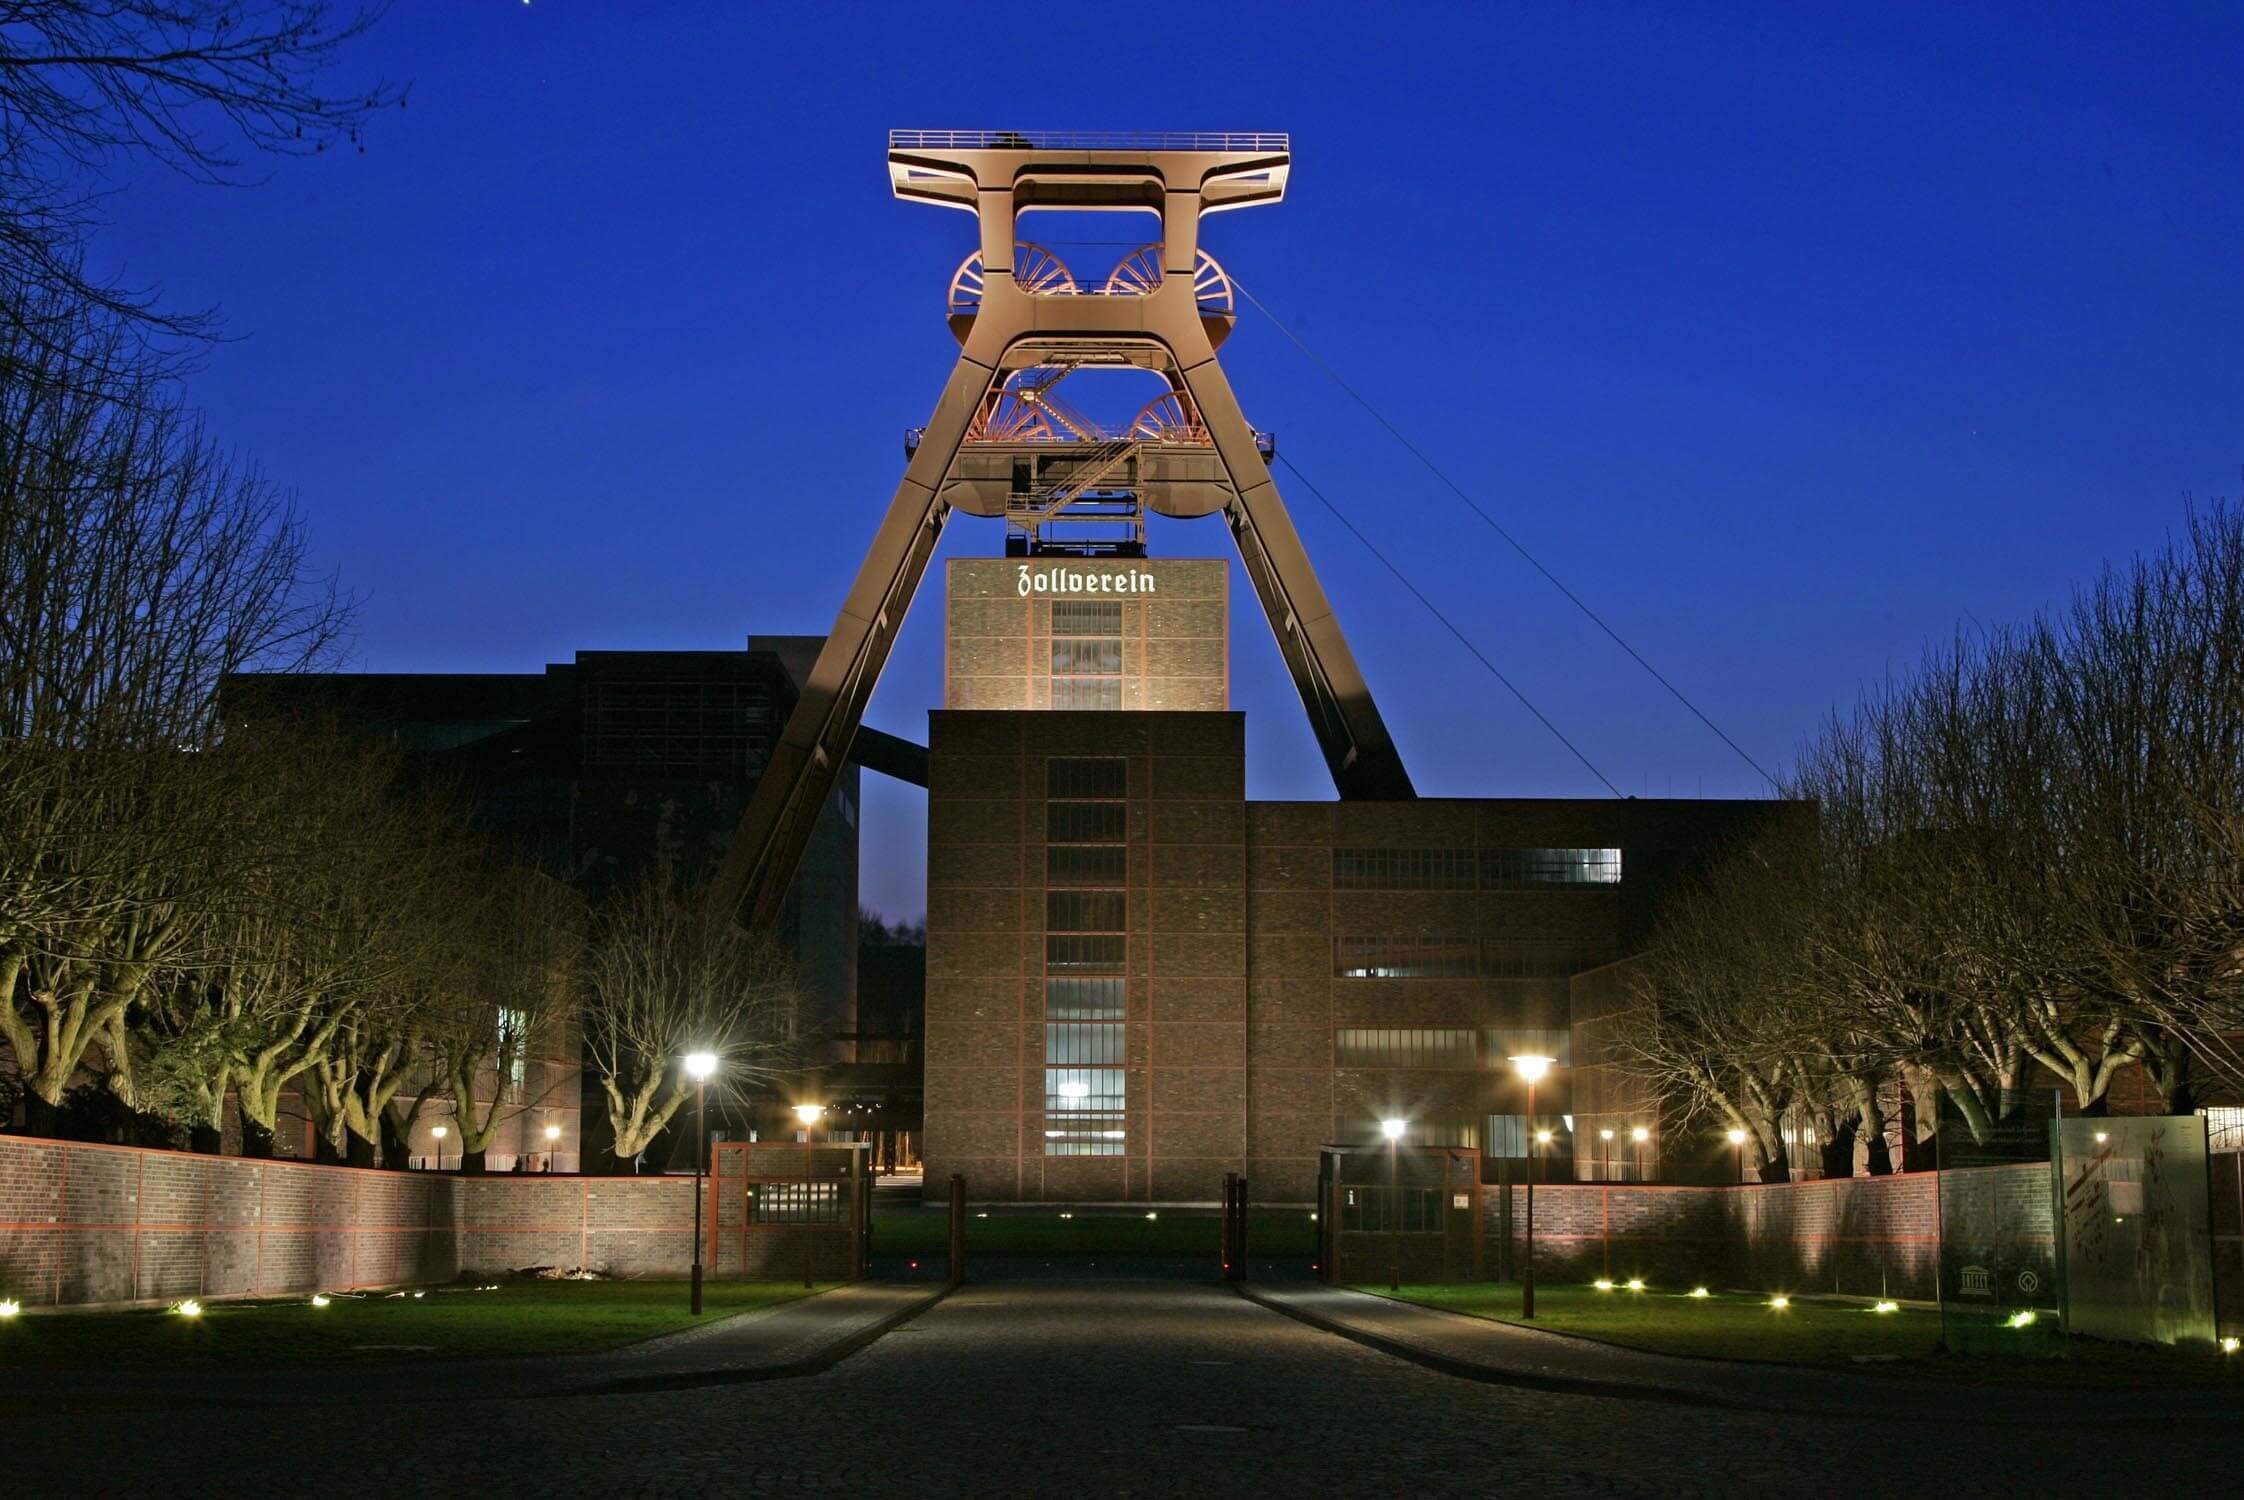 Zollverein Essen Förderturm Package